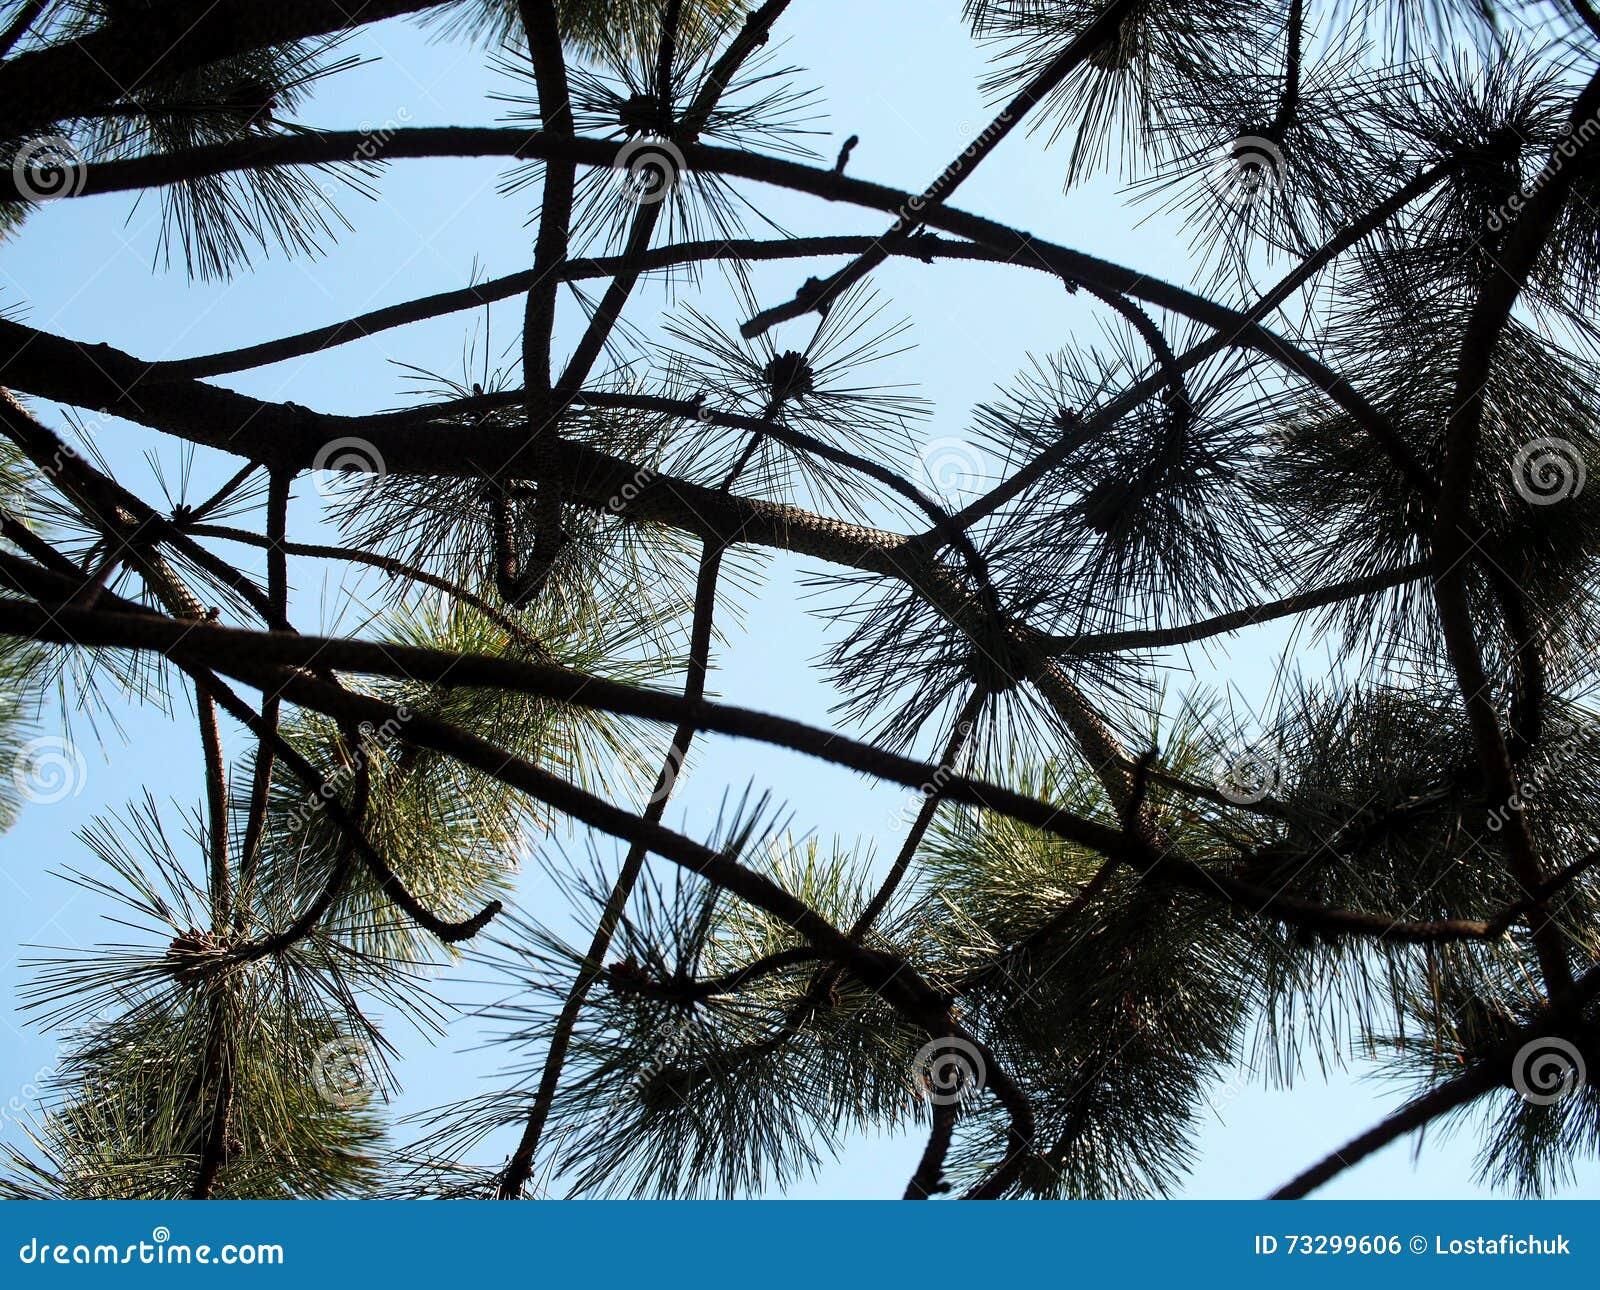 White Pine occidentale o pinus monticola